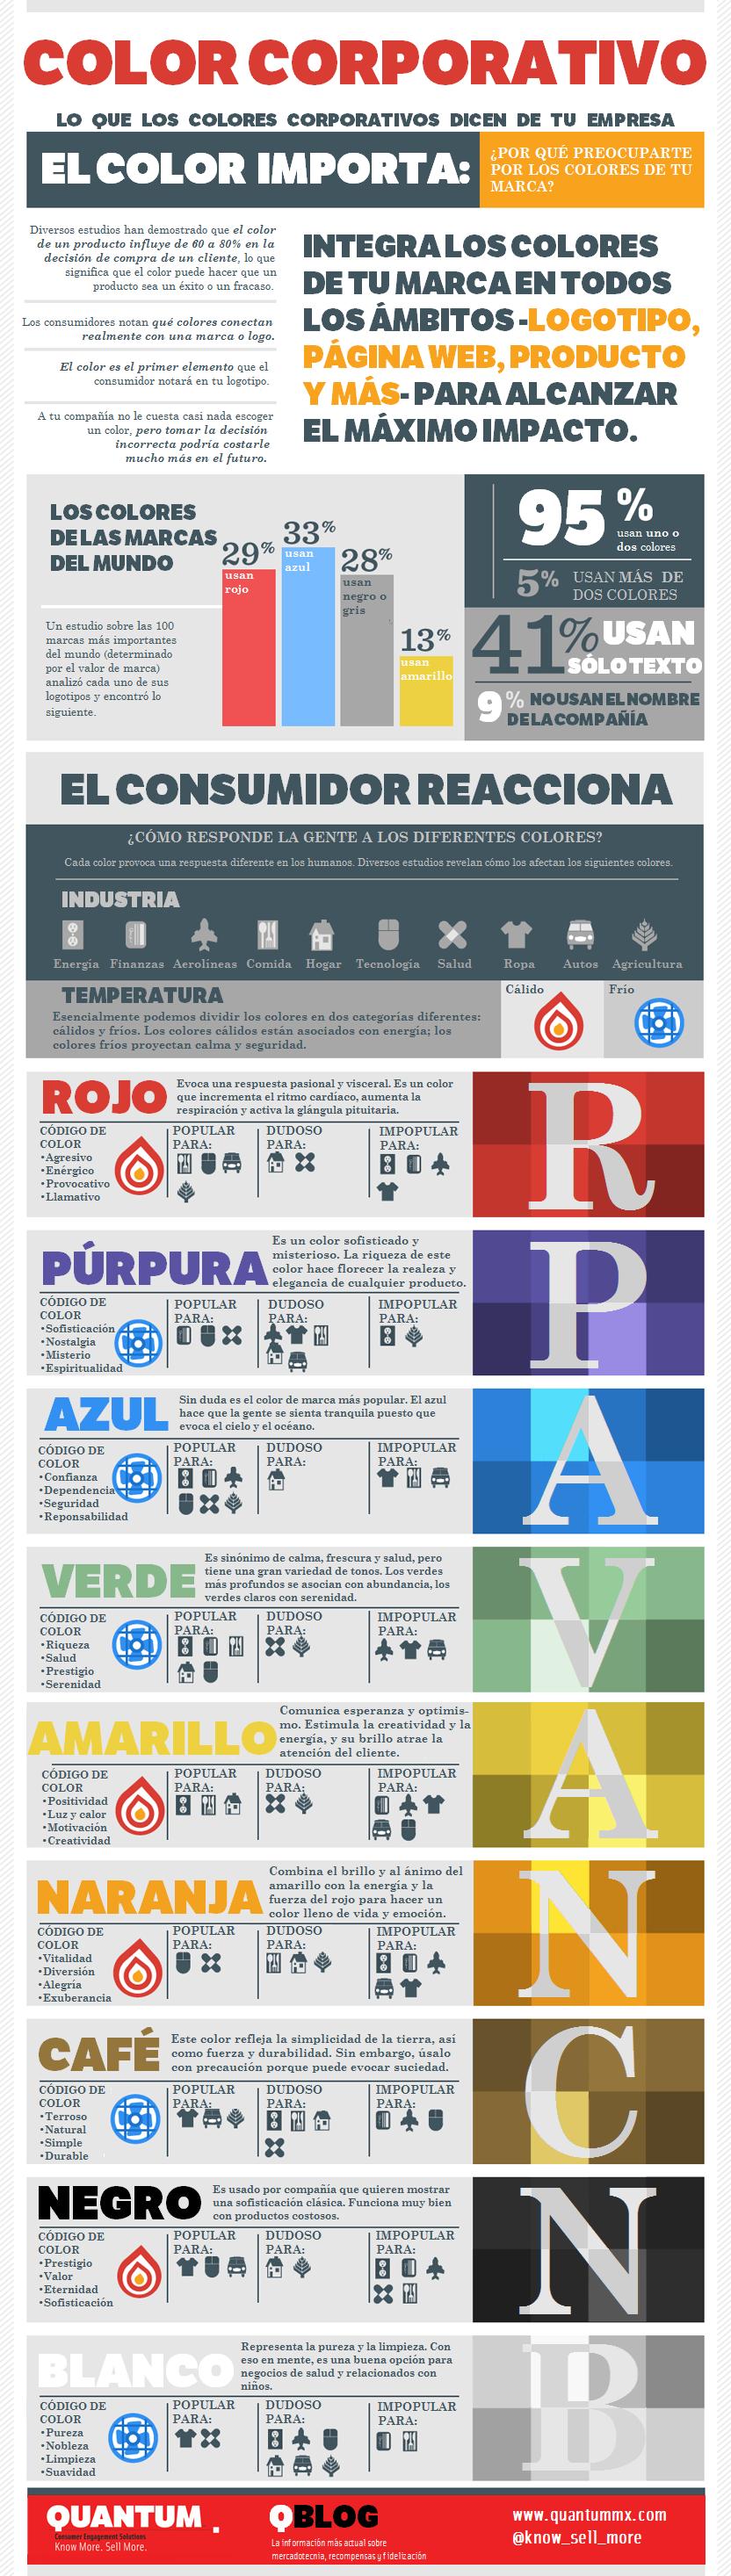 Lo que dice el color corporativo de tu empresa